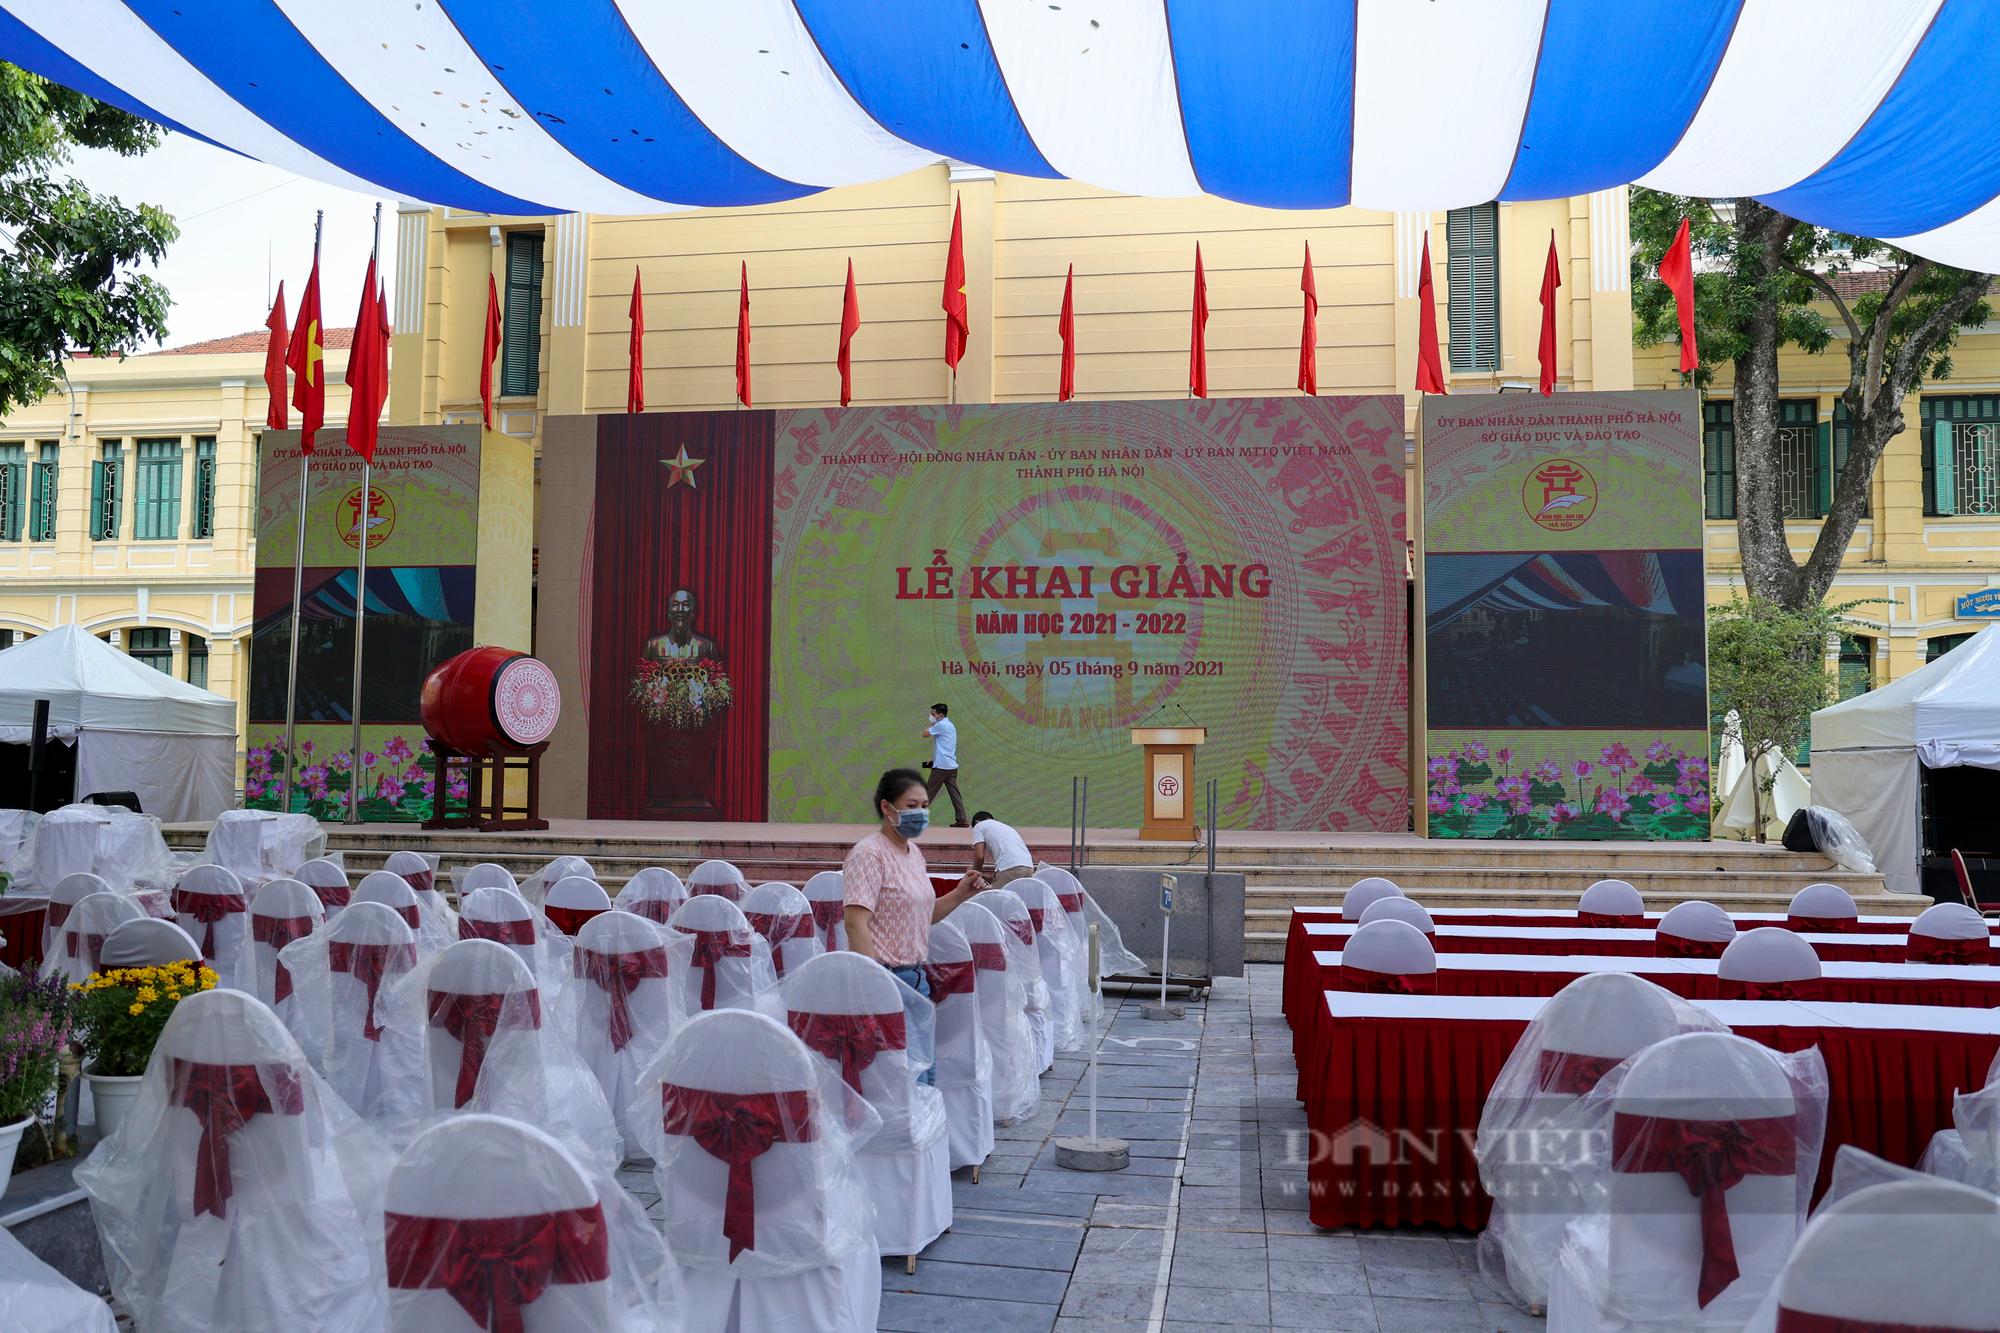 Hà Nội: Gấp rút chuẩn bị cho Lễ khai giảng online đặc biệt của Thủ đô - Ảnh 3.